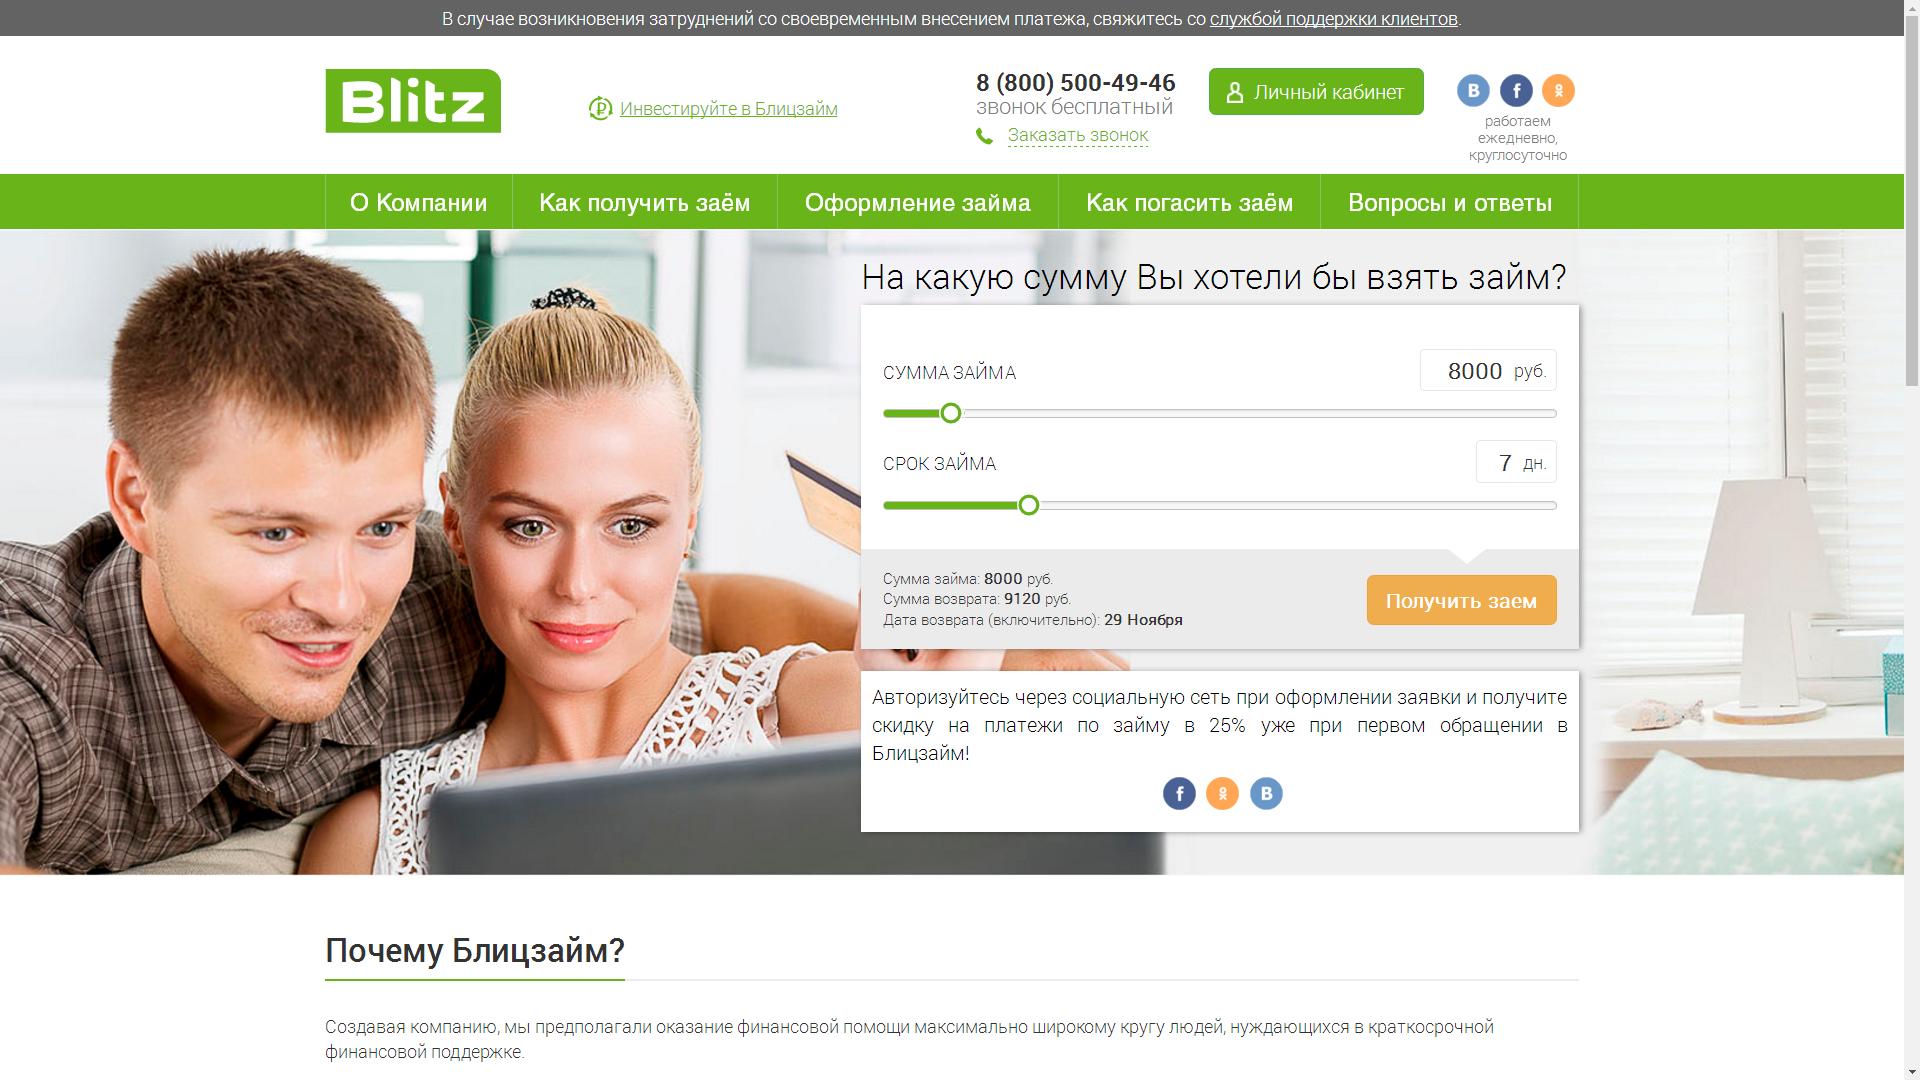 ооо интернет займ заявка на кредит наличными в сбербанке